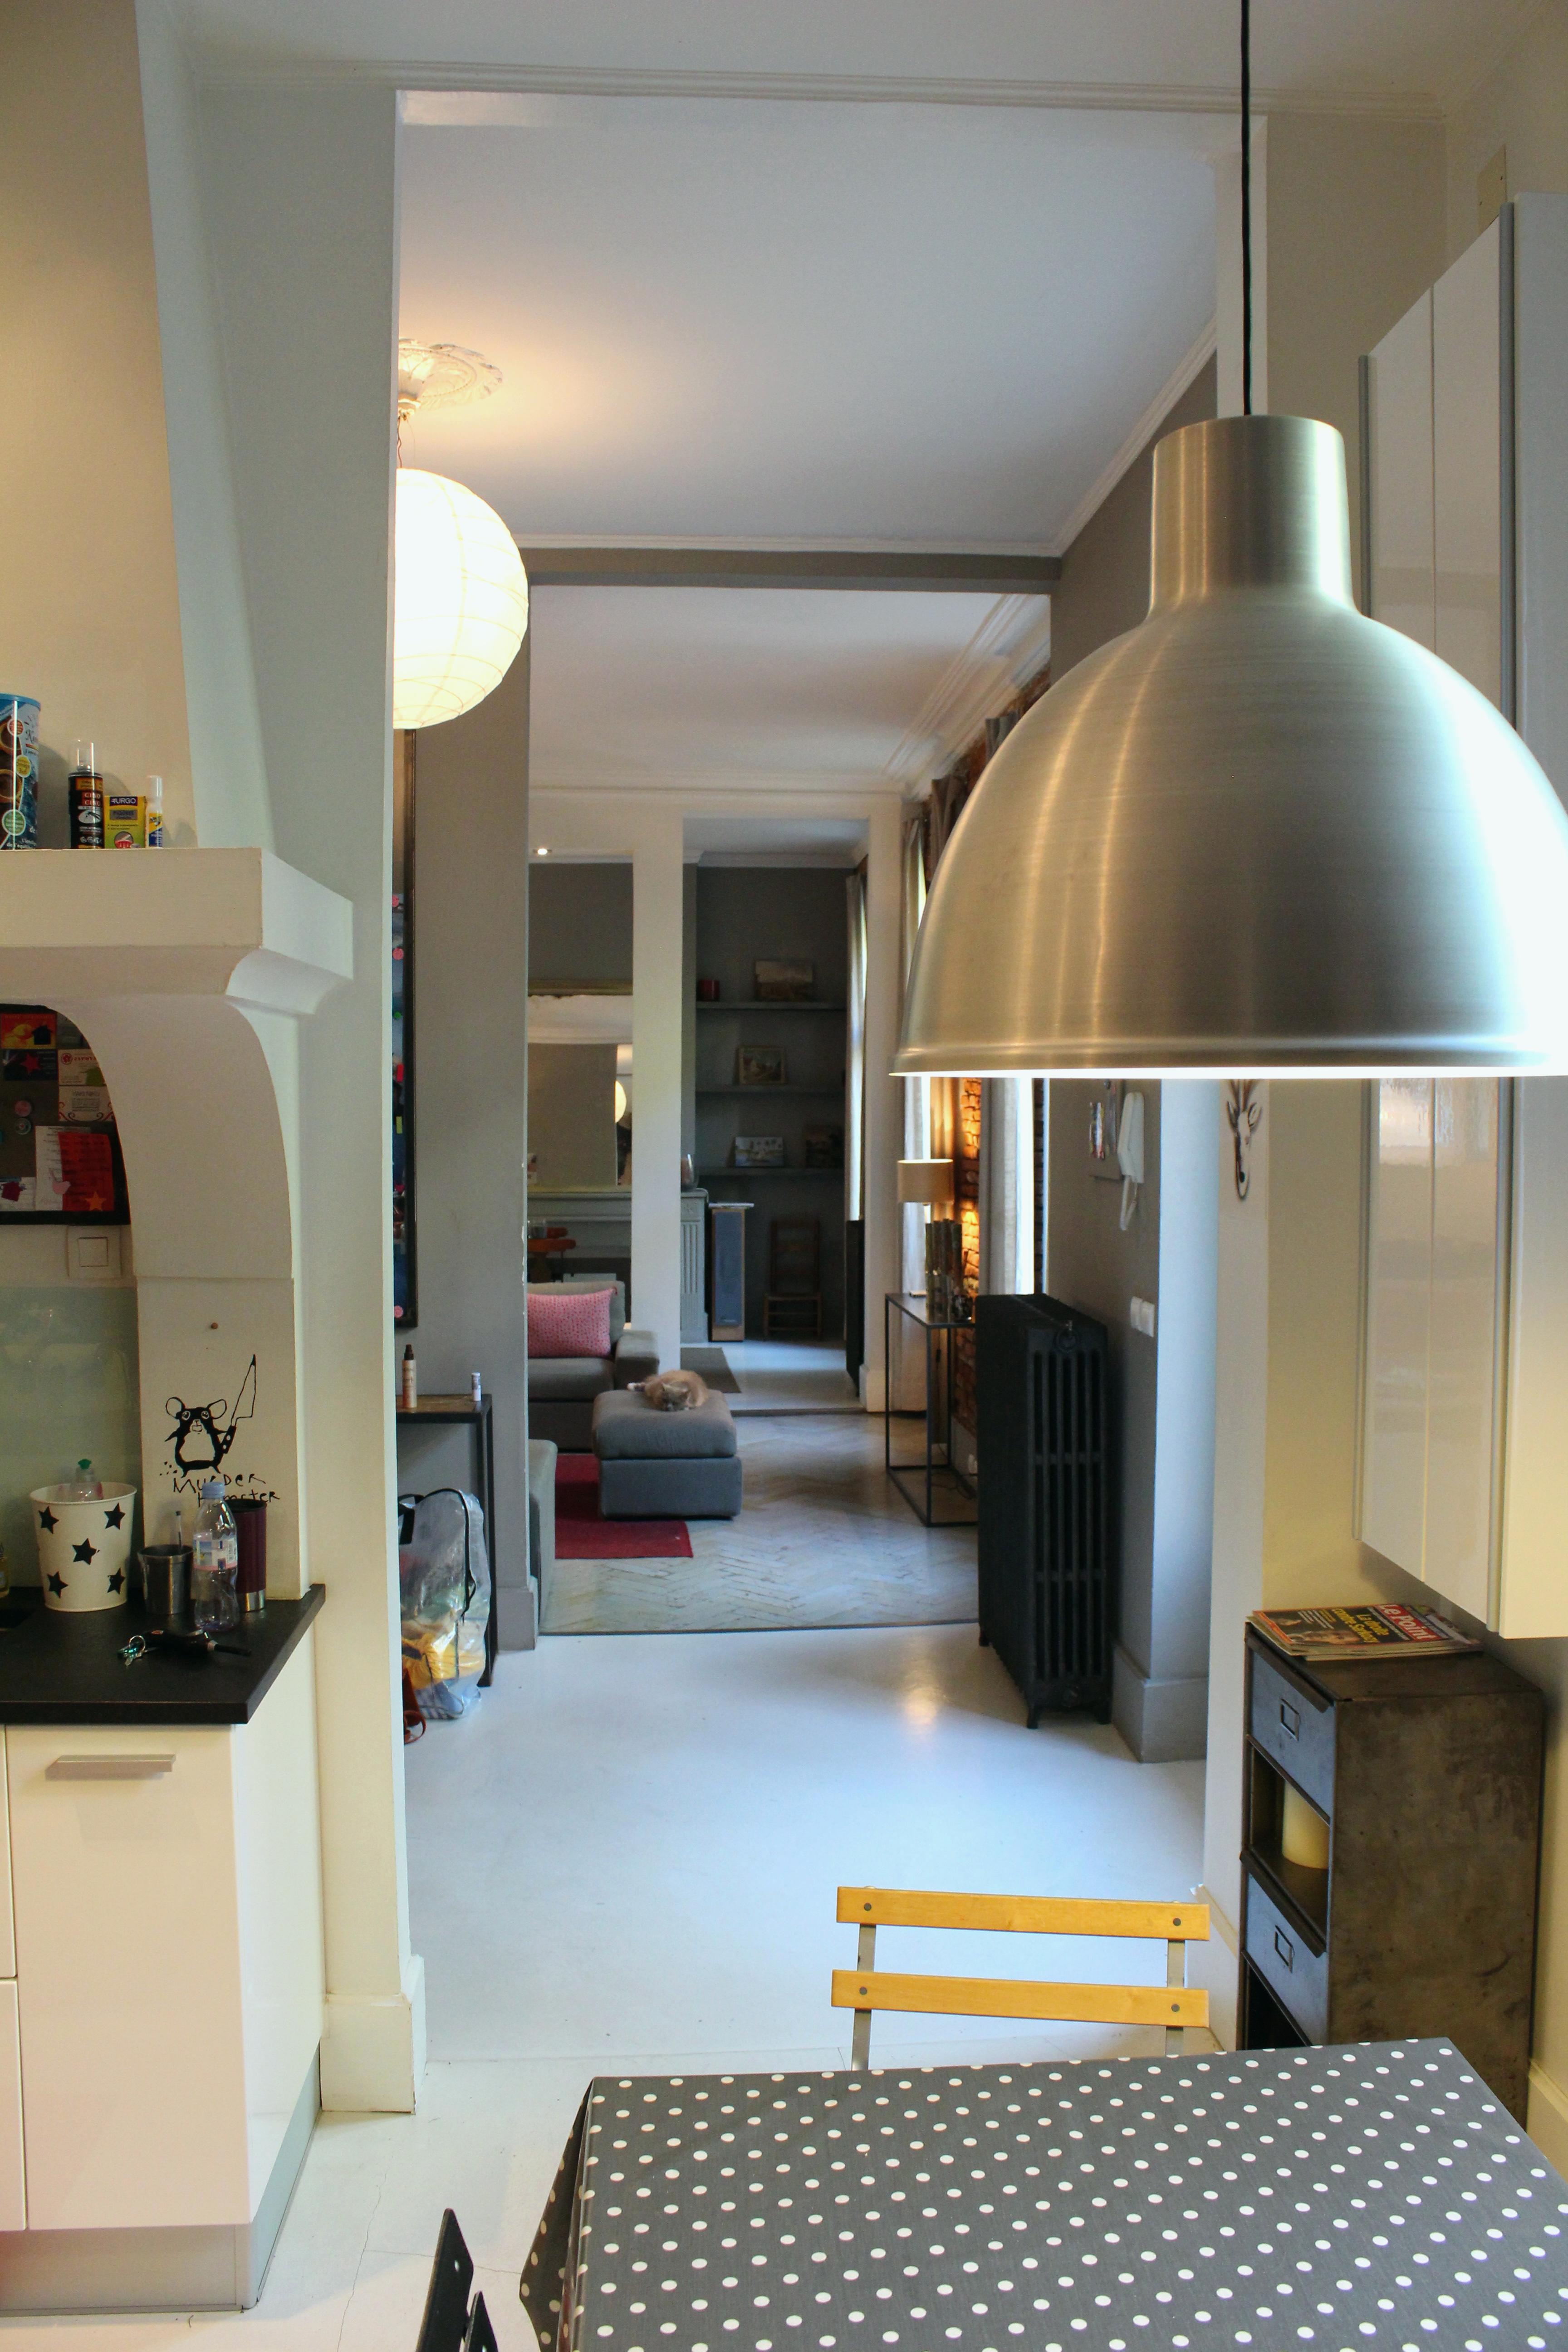 Interieur Maison De Luxe Cuisine Inspirant Galerie Cuisine Moderne Dans Maison Ancienne Luxe Decorateur Interieur